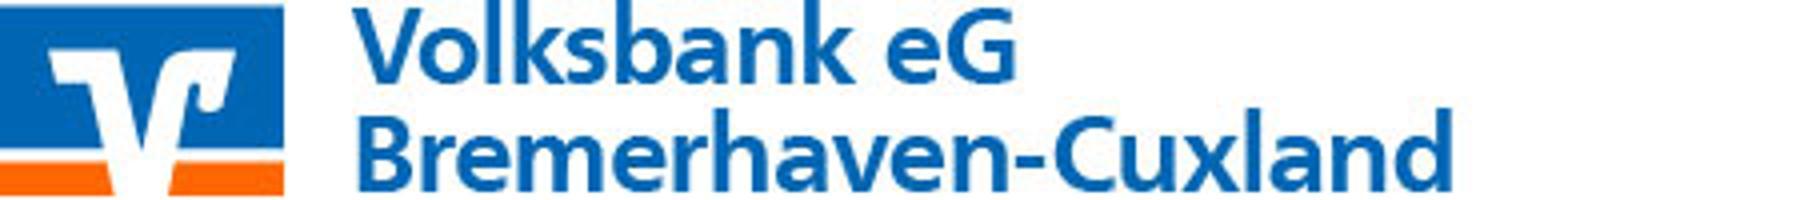 Volksbank eG Bremerhaven-Cuxland, Geschäftsstelle Schiffdorf